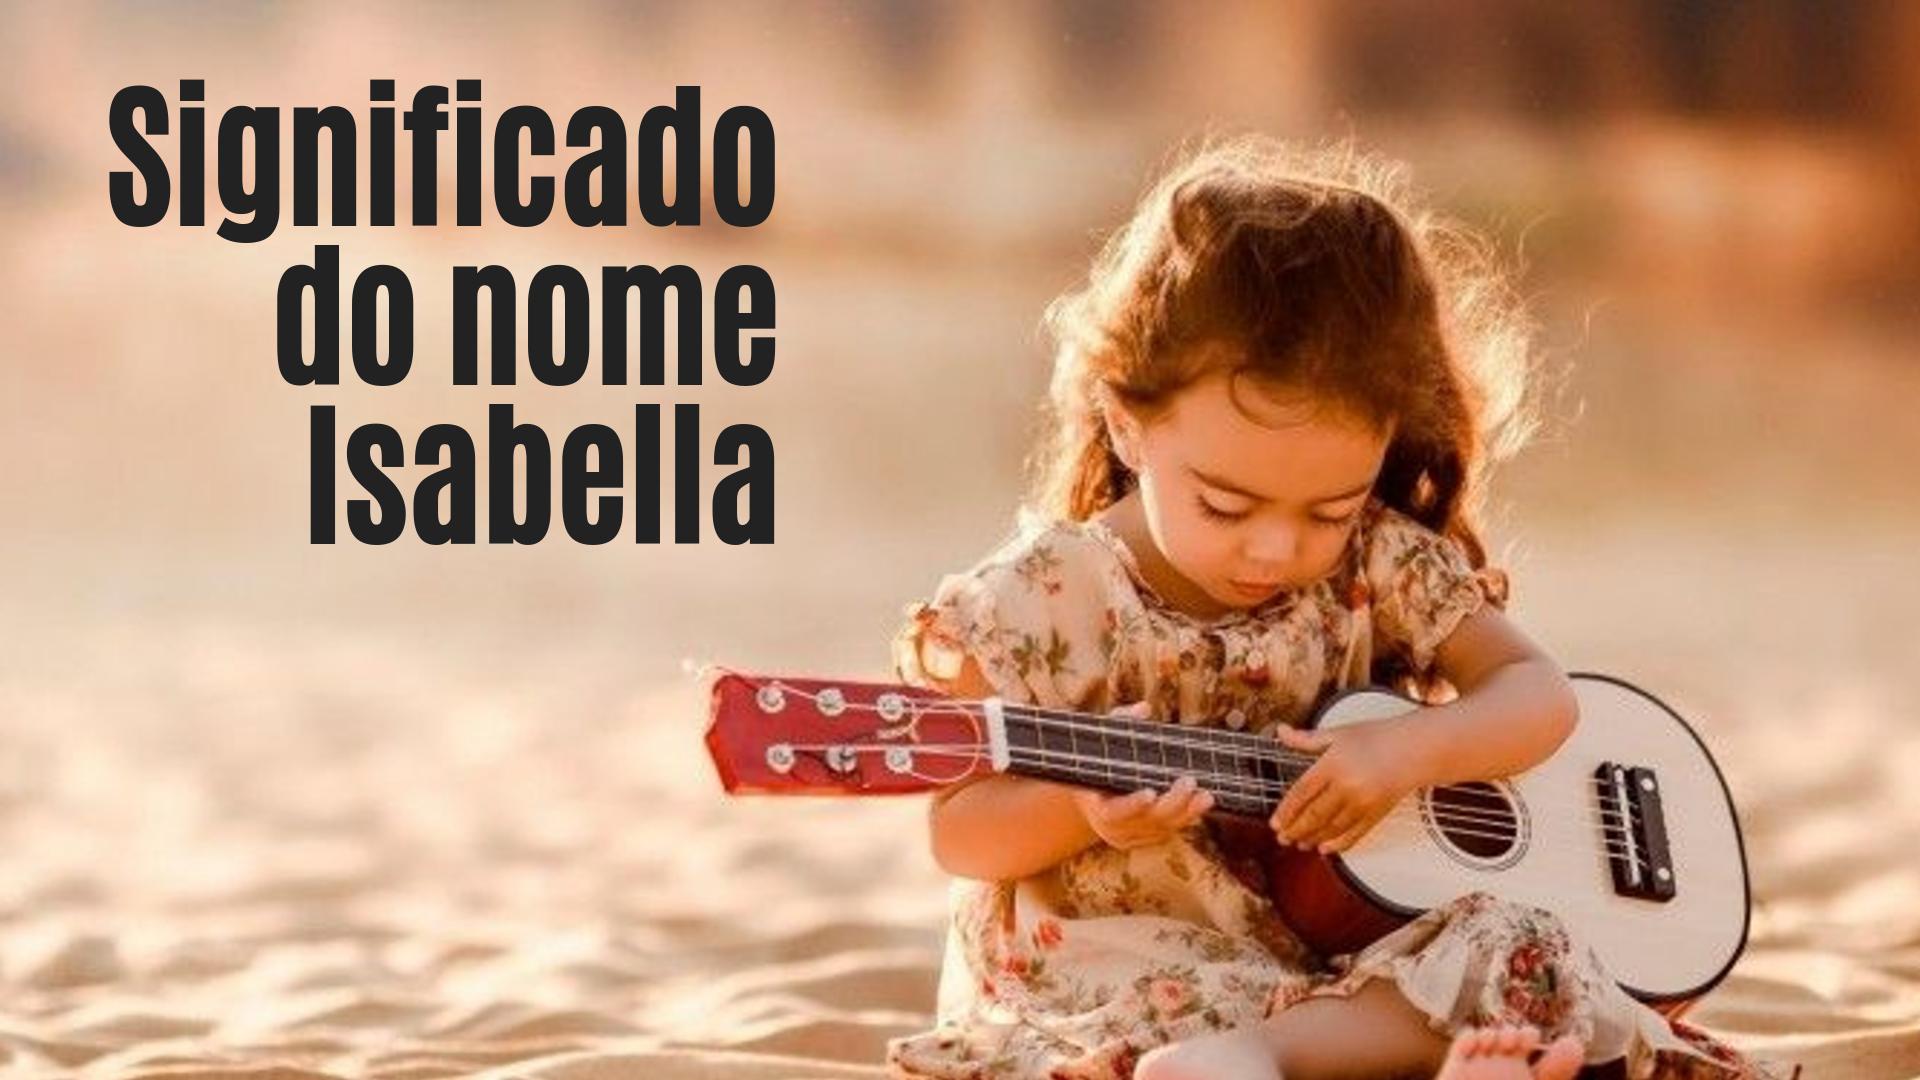 foto escrita significado do nome Isabella